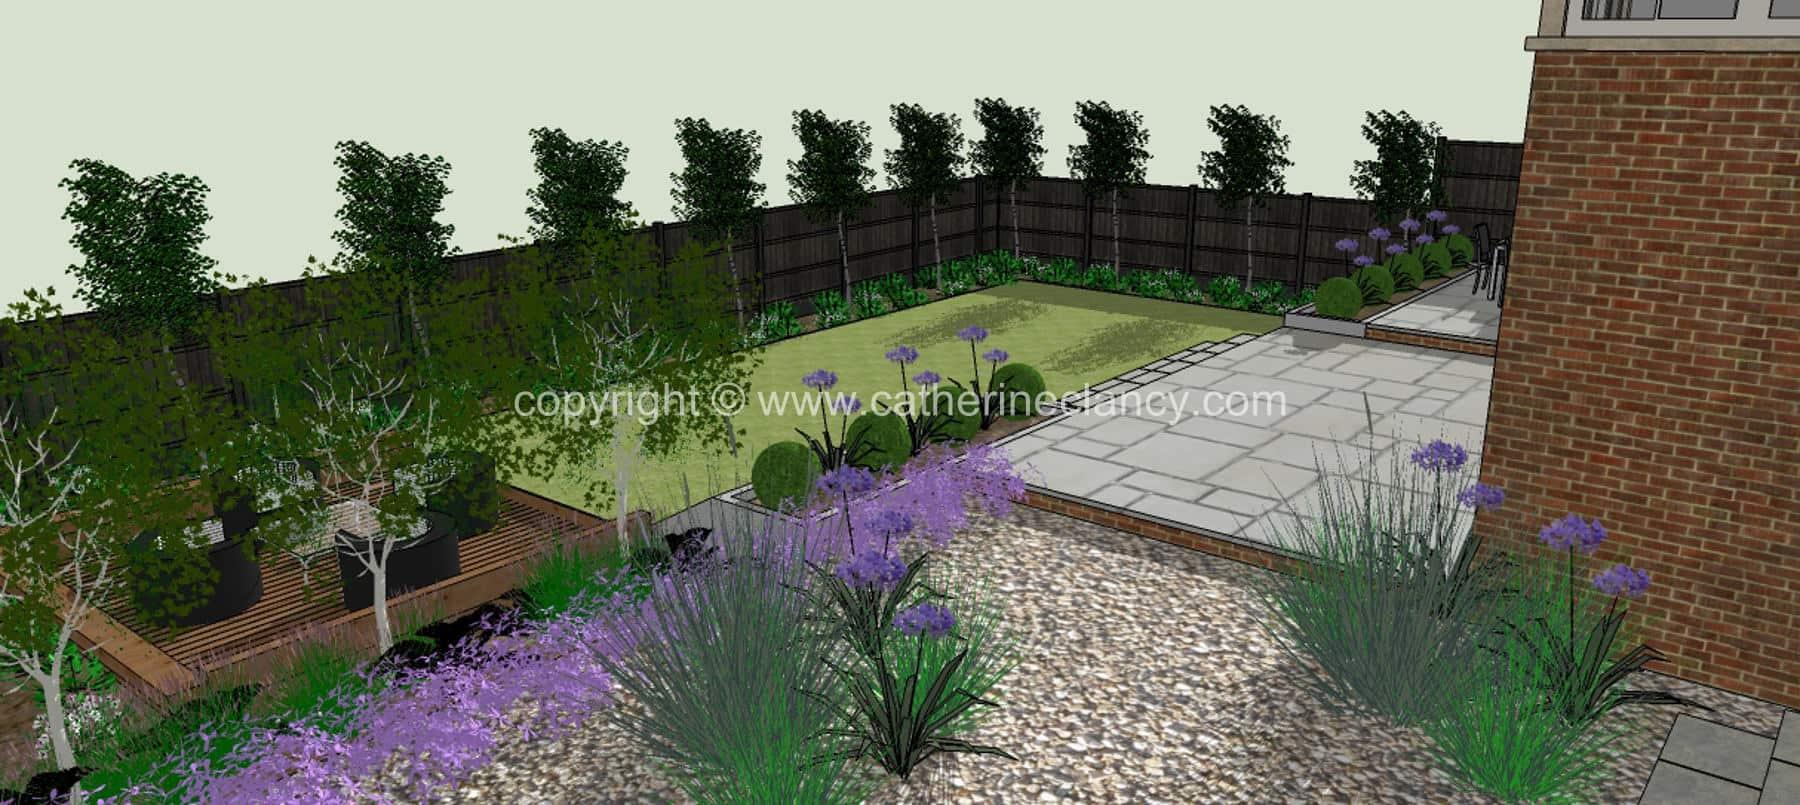 Hendon grand design garden 4 garden design london for Grand designs garden